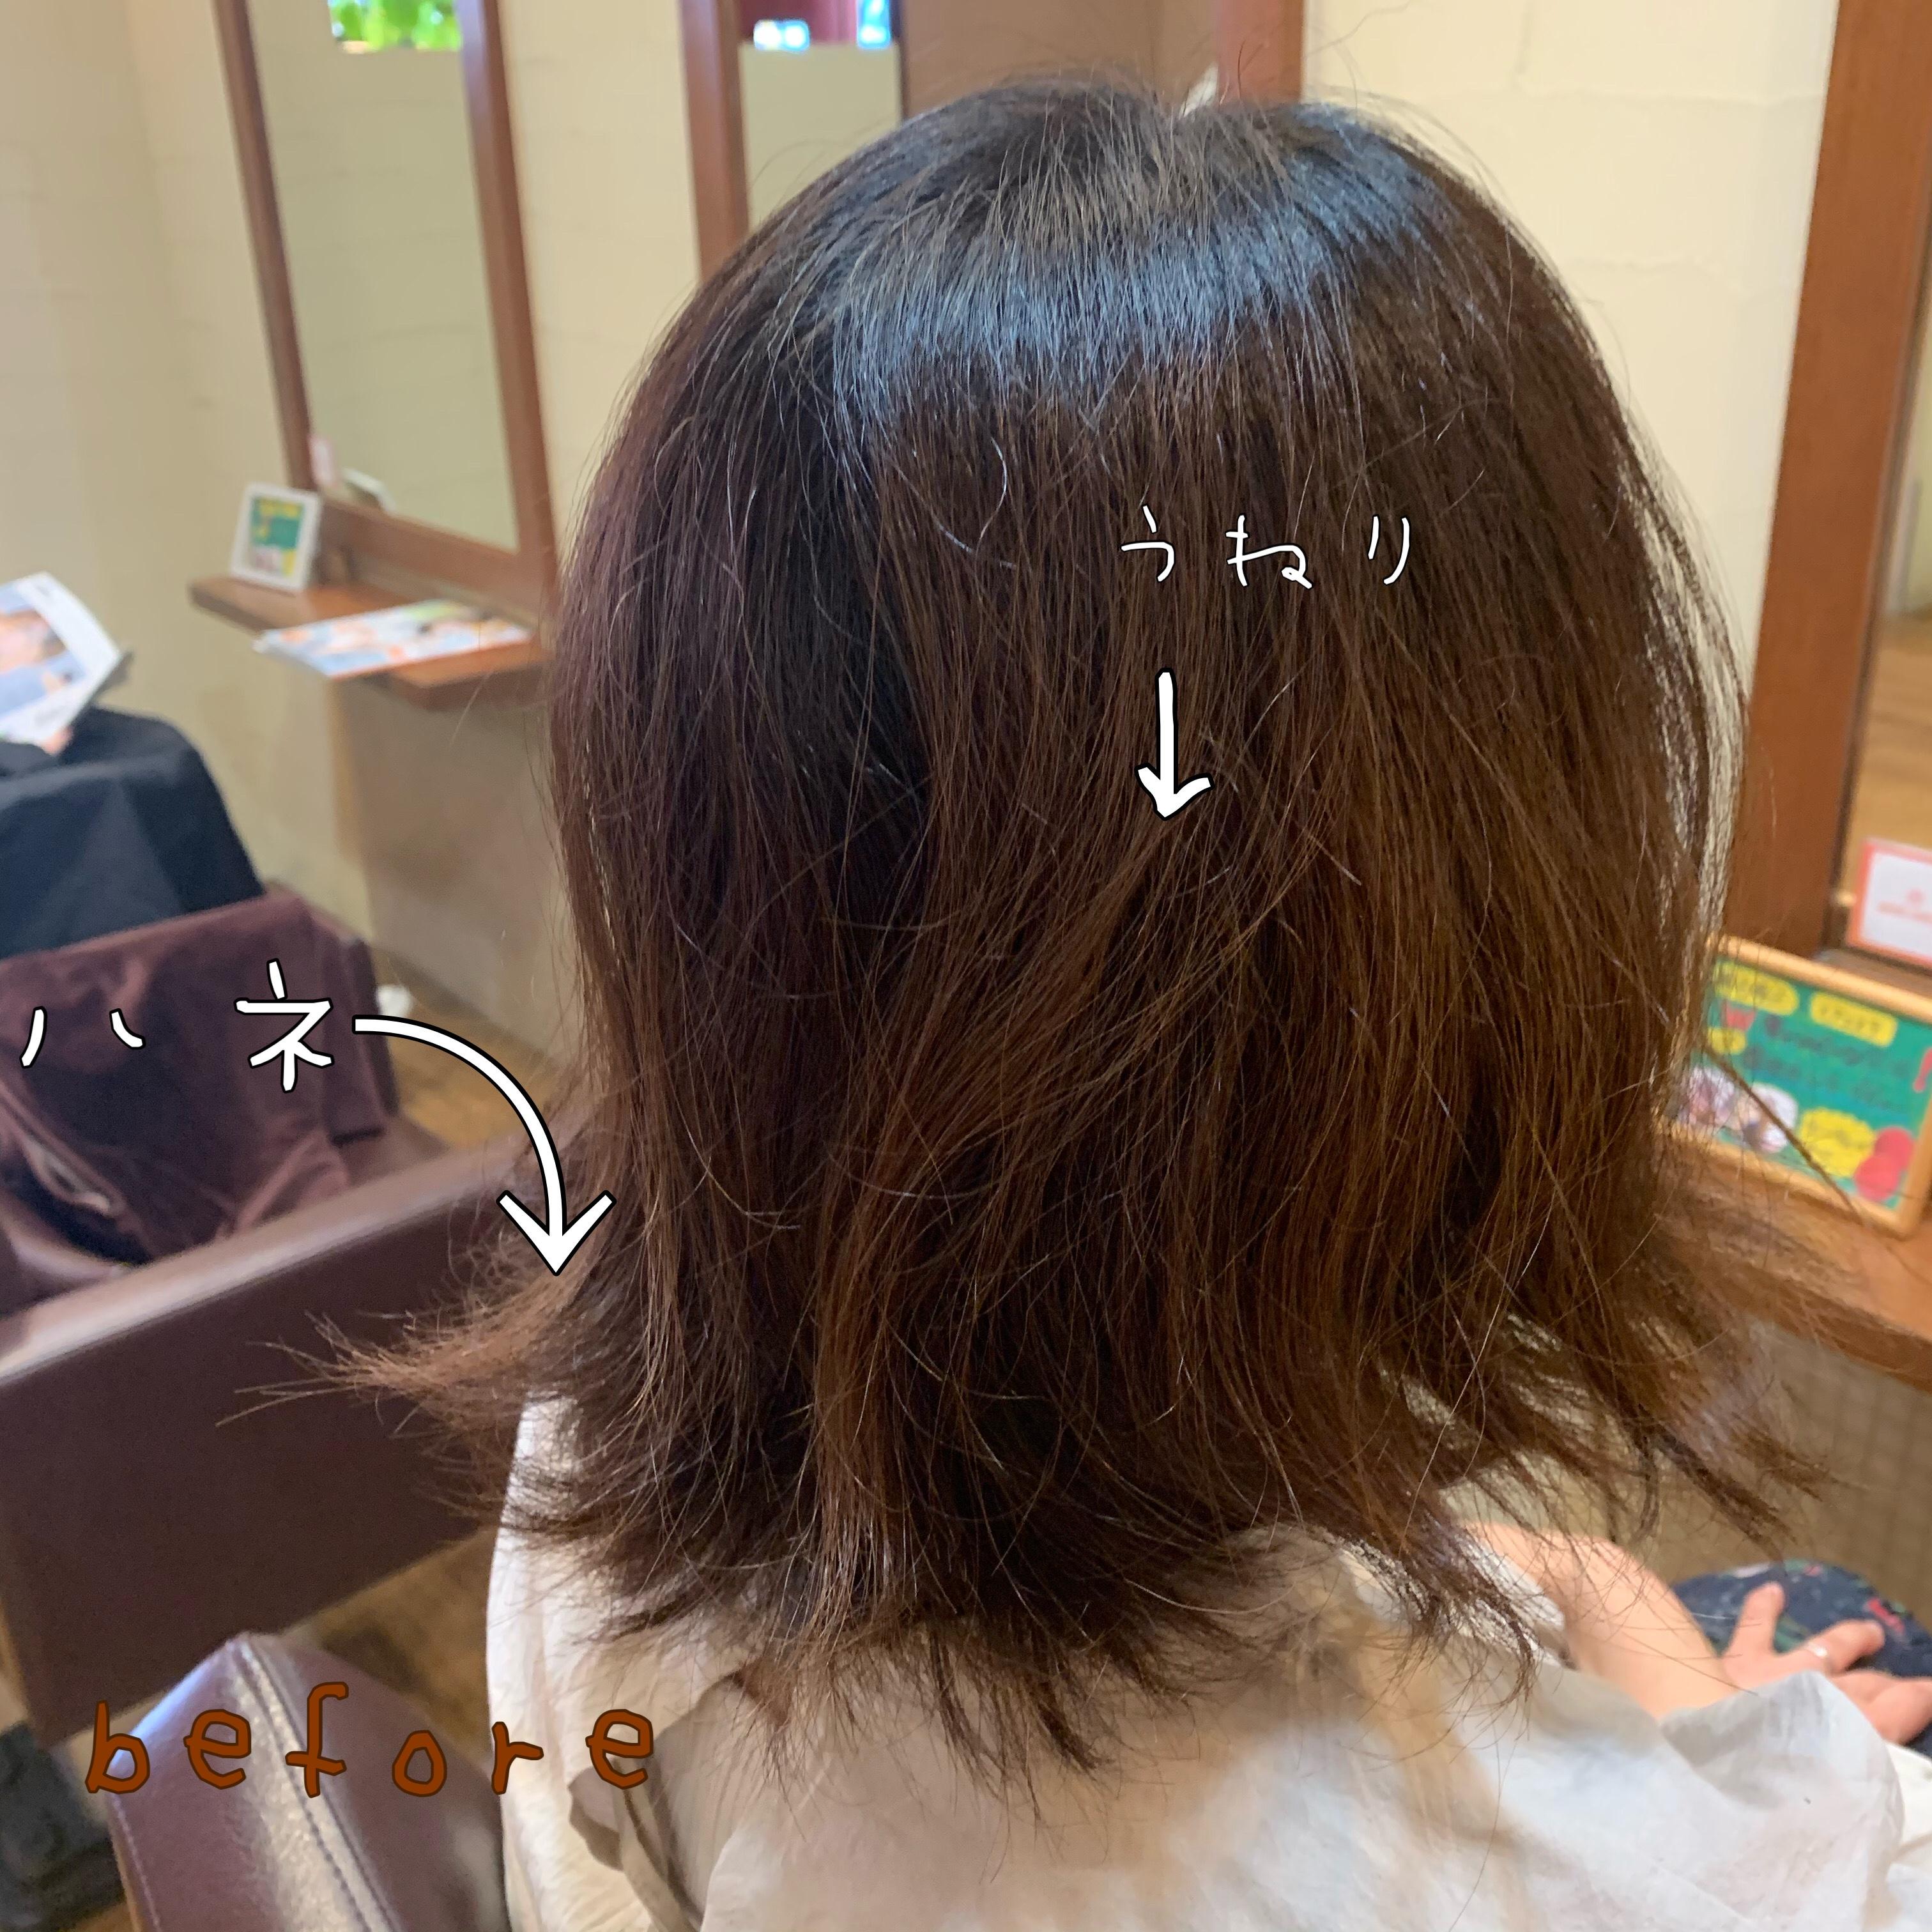 梅雨の時期の髪の悩み